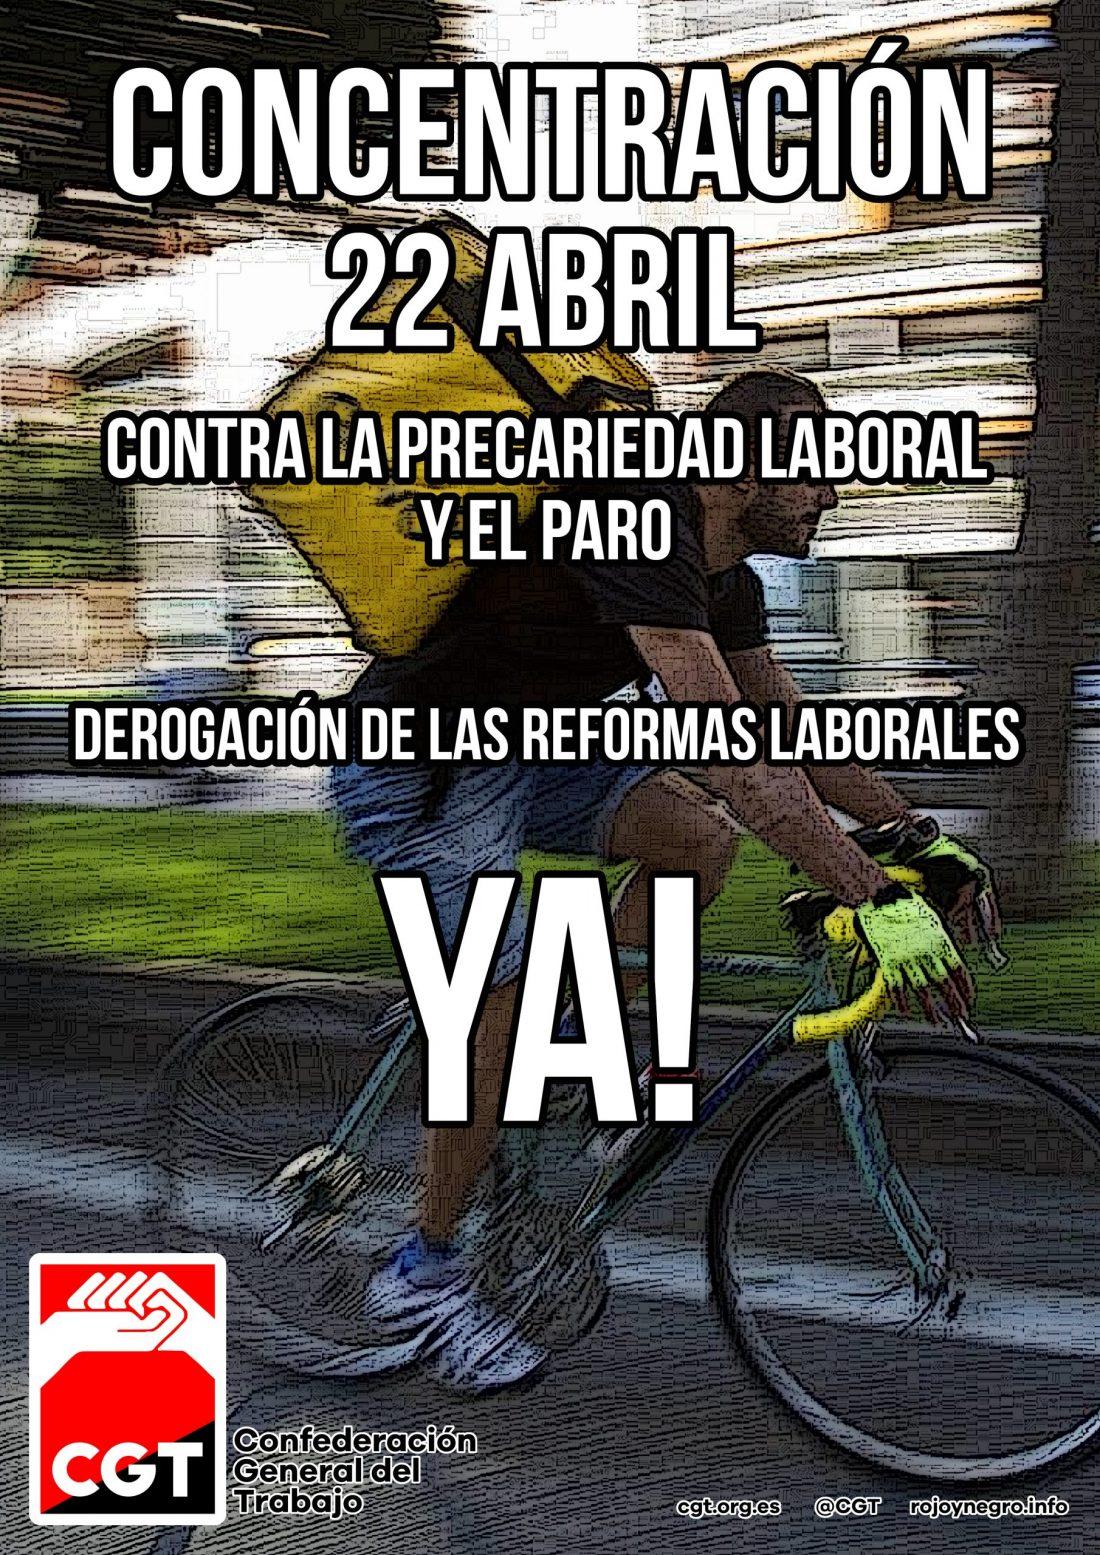 Contra la precariedad laboral y el paro.  ¡¡¡Derogación de las Reformas Laborales ya!!!